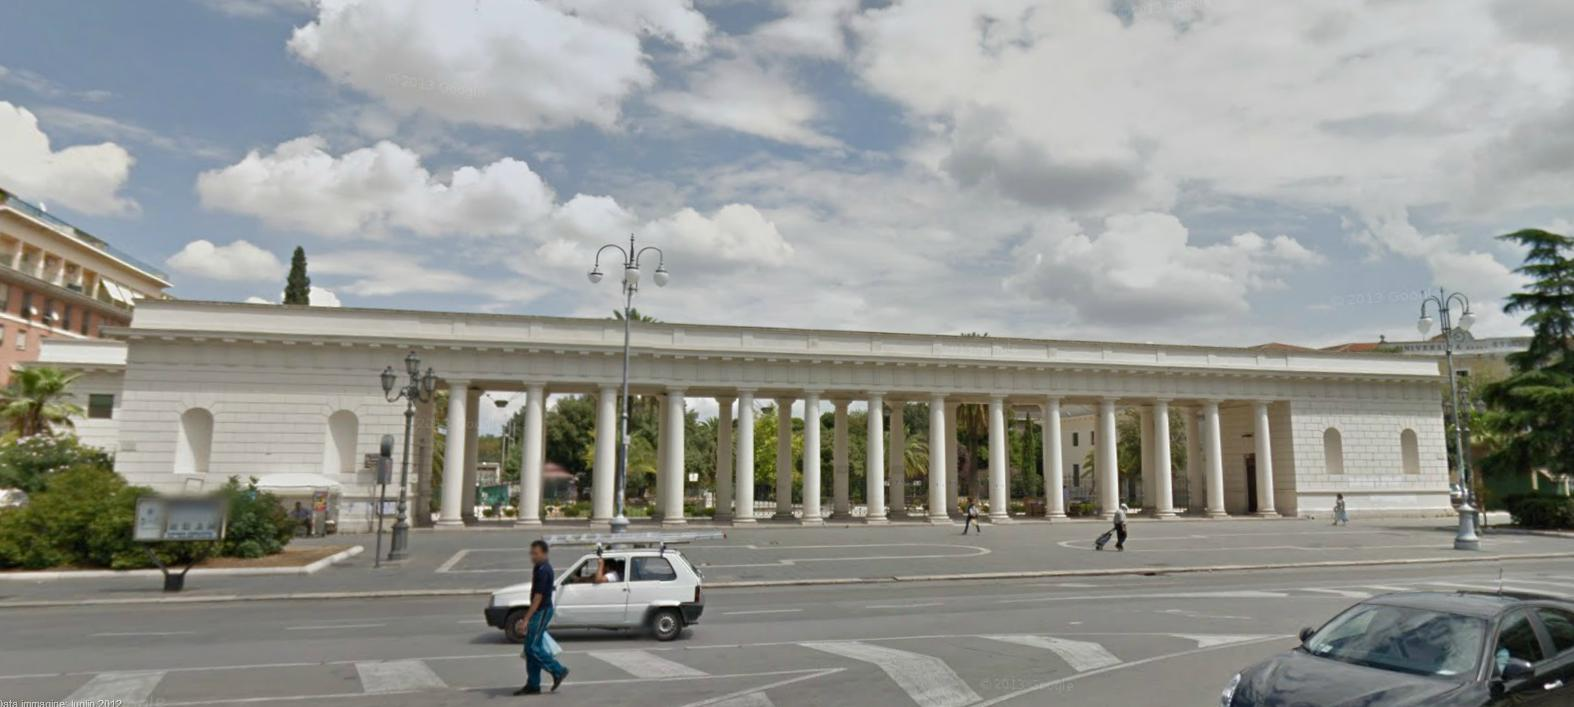 Parco Urbano Karol Wojtyla